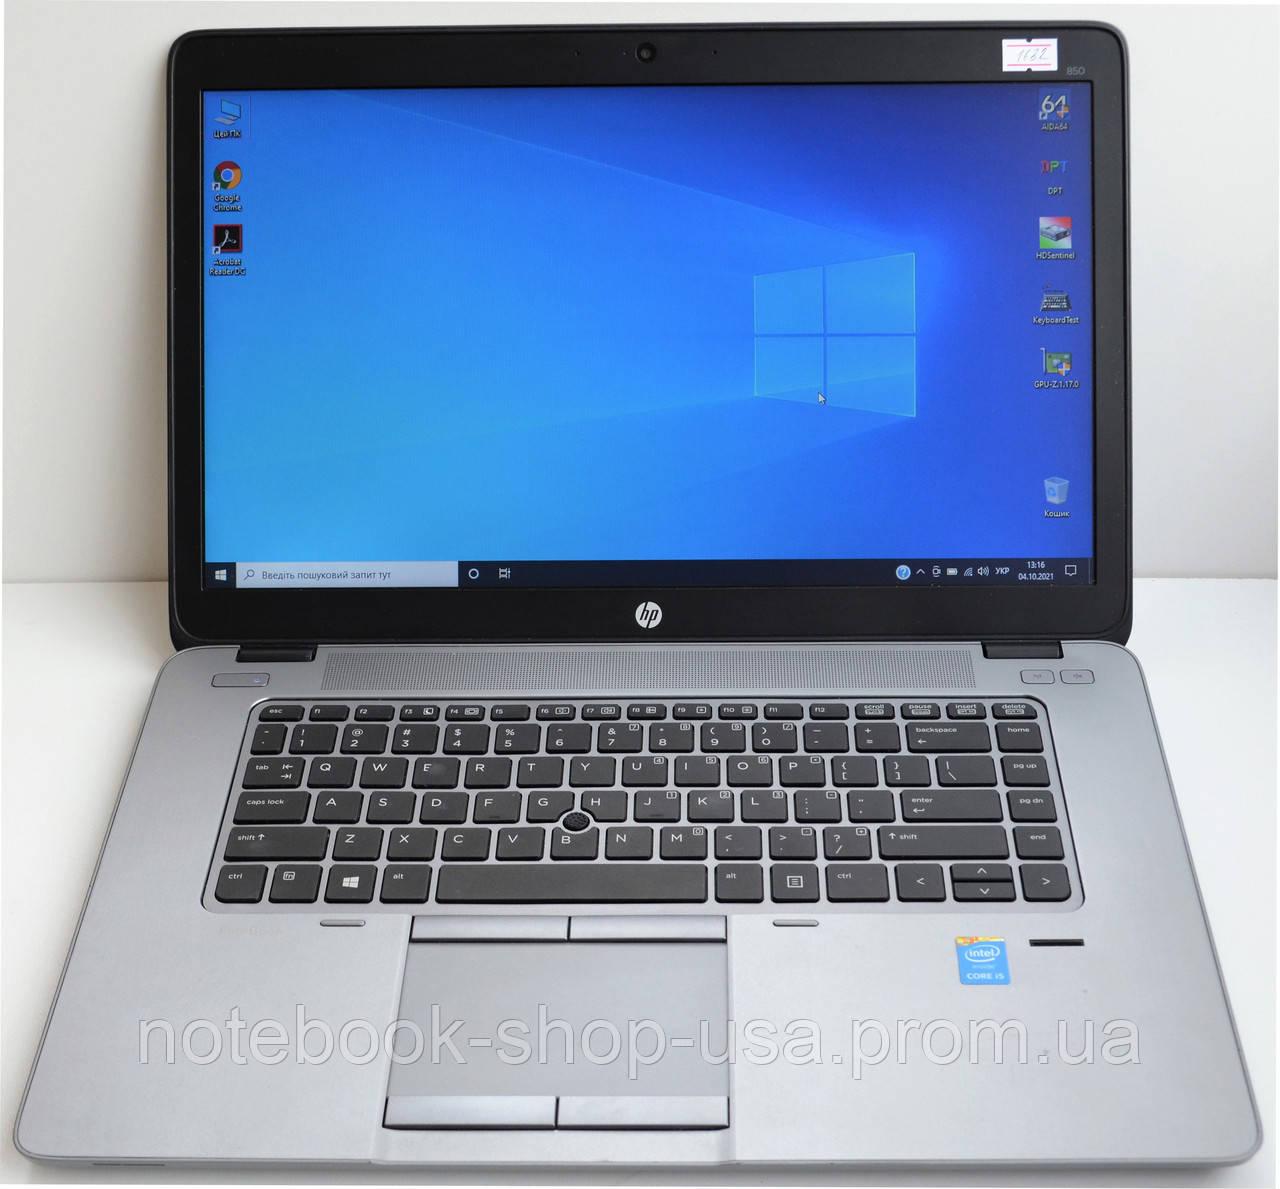 """Ультрабук HP EliteBook 850 G2 15.6"""" i5-5200U/4GB/500GB HDD #1632"""